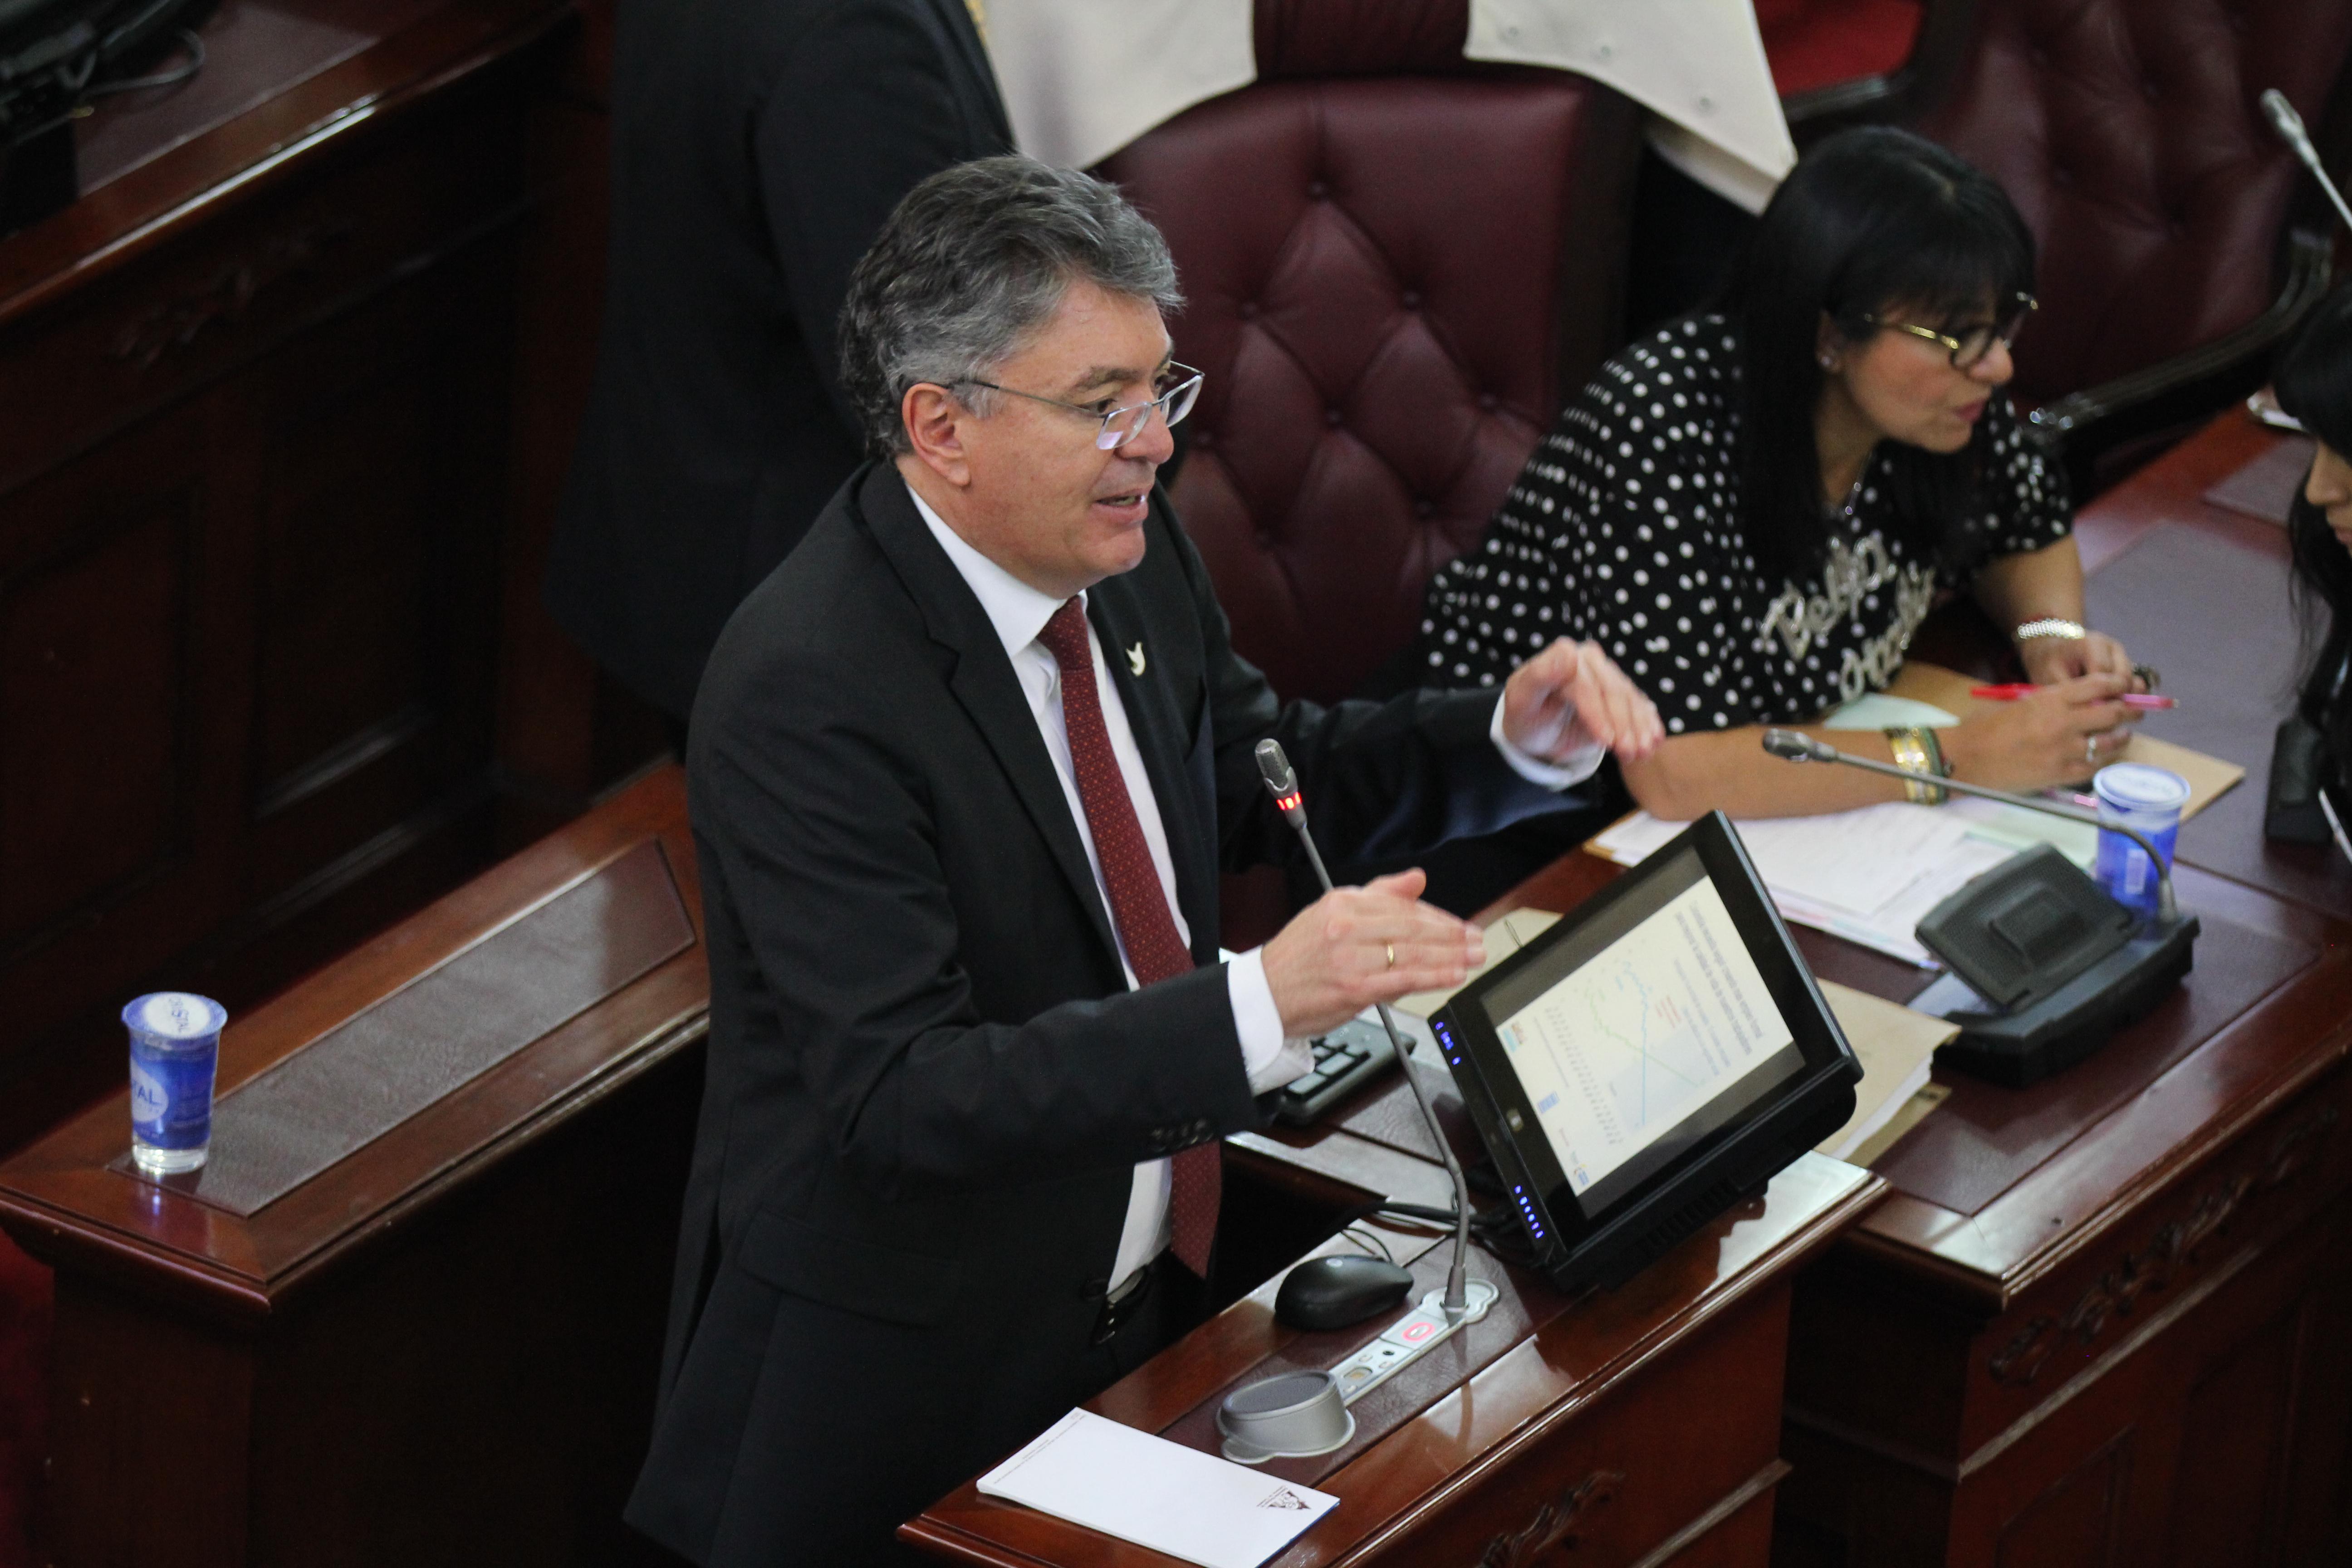 reforma-tributaria-comisiones-3-cojuntas_30498157821_o